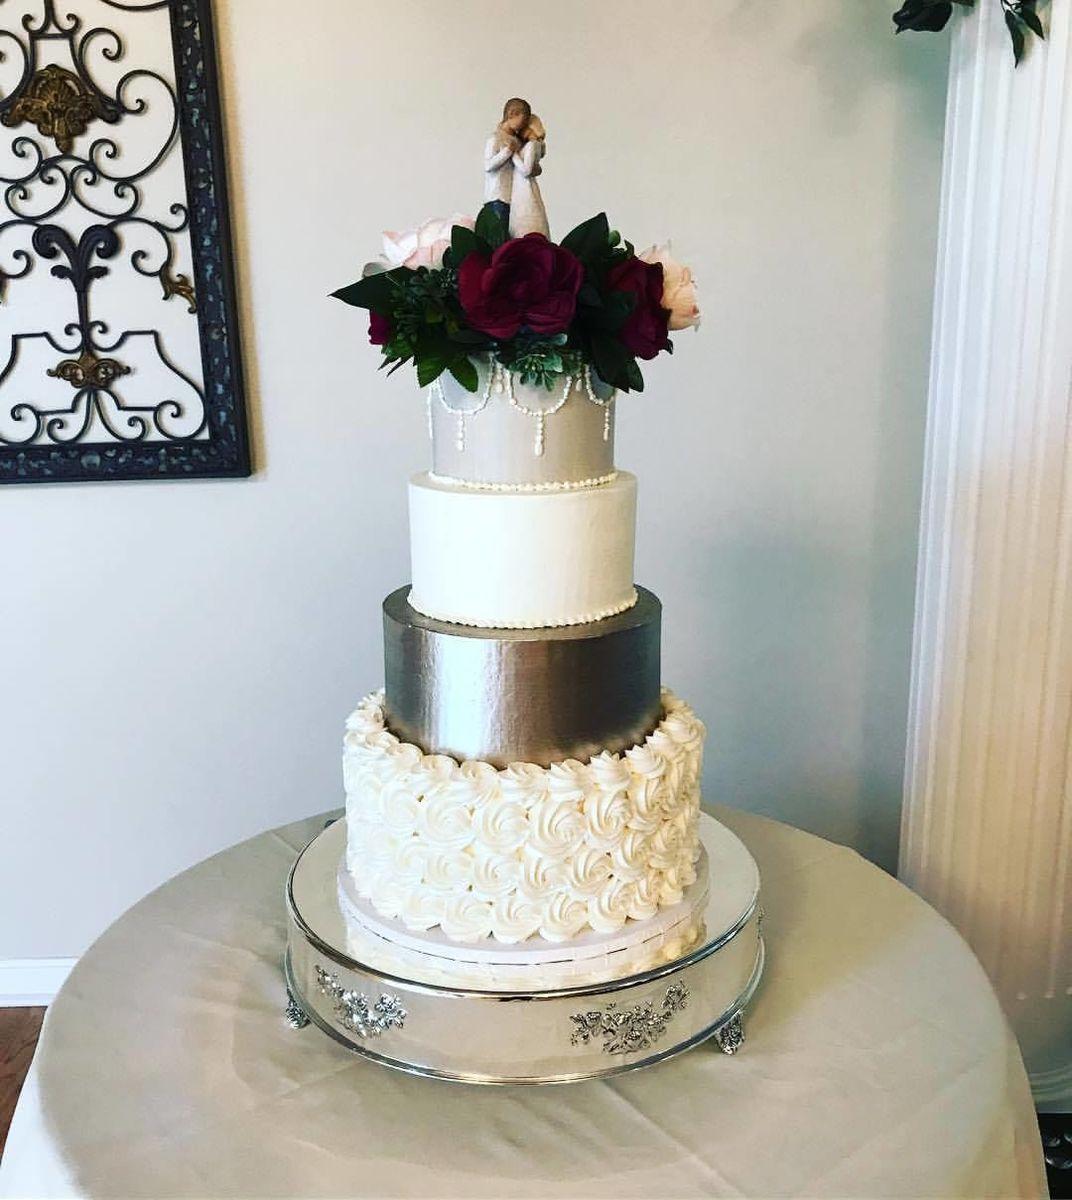 Baked - Wedding Cake - Holden, MA - WeddingWire